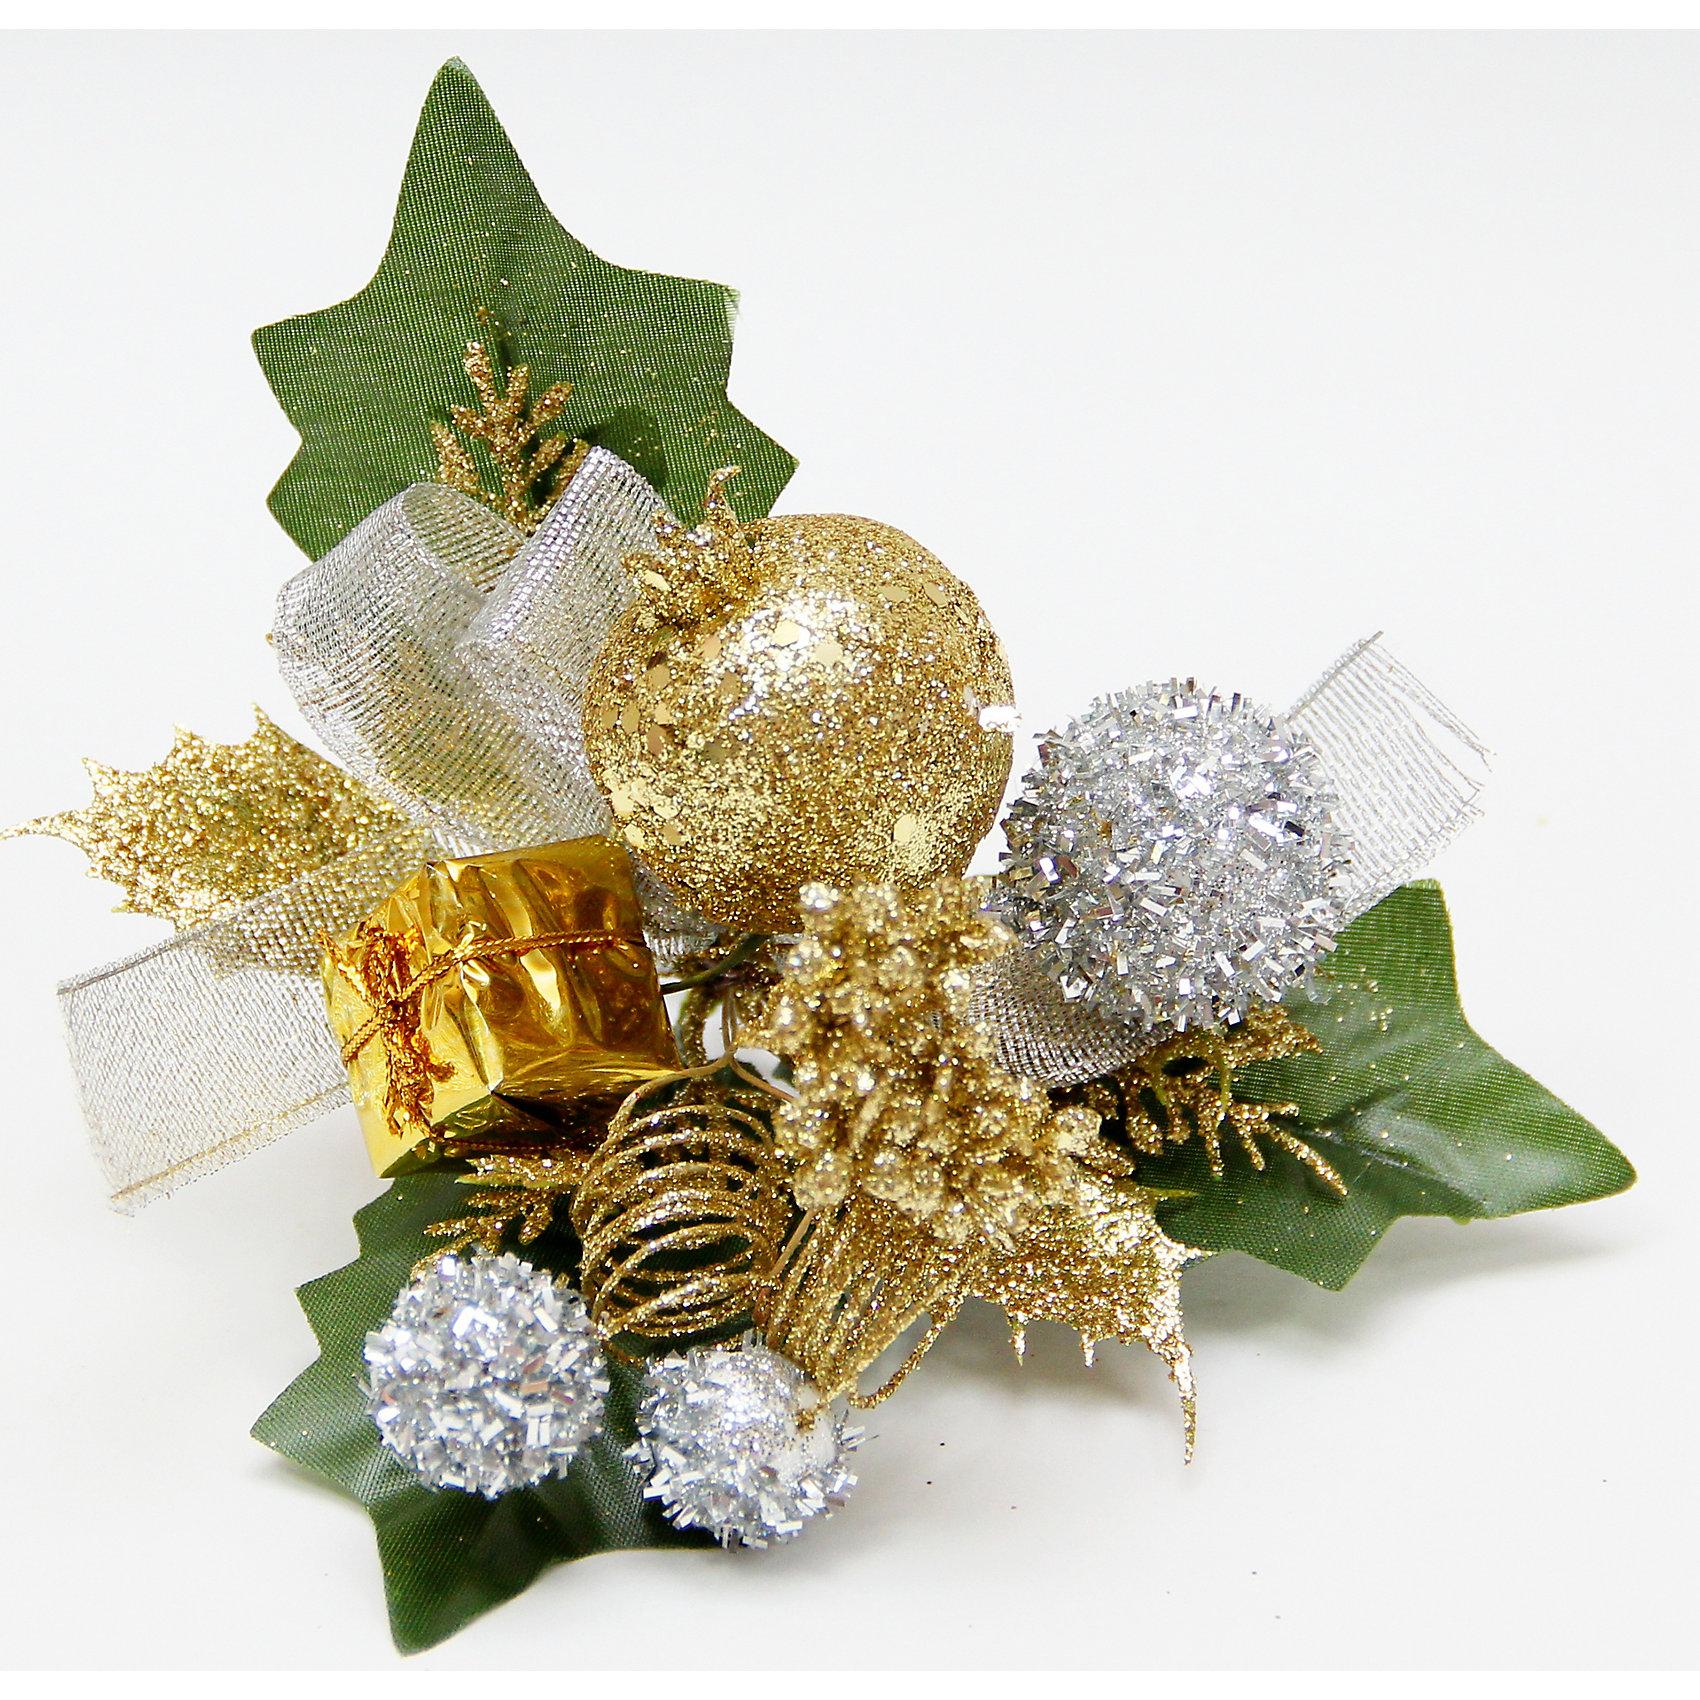 Украшение новогоднее Ягоды золото с серебром из пвх на клипсеВсё для праздника<br>Украшение новогоднее Ягоды золото-серебряные арт.42506 из пвх на клипсе / 15x15<br><br>Ширина мм: 150<br>Глубина мм: 150<br>Высота мм: 10<br>Вес г: 2<br>Возраст от месяцев: 60<br>Возраст до месяцев: 600<br>Пол: Унисекс<br>Возраст: Детский<br>SKU: 5144582